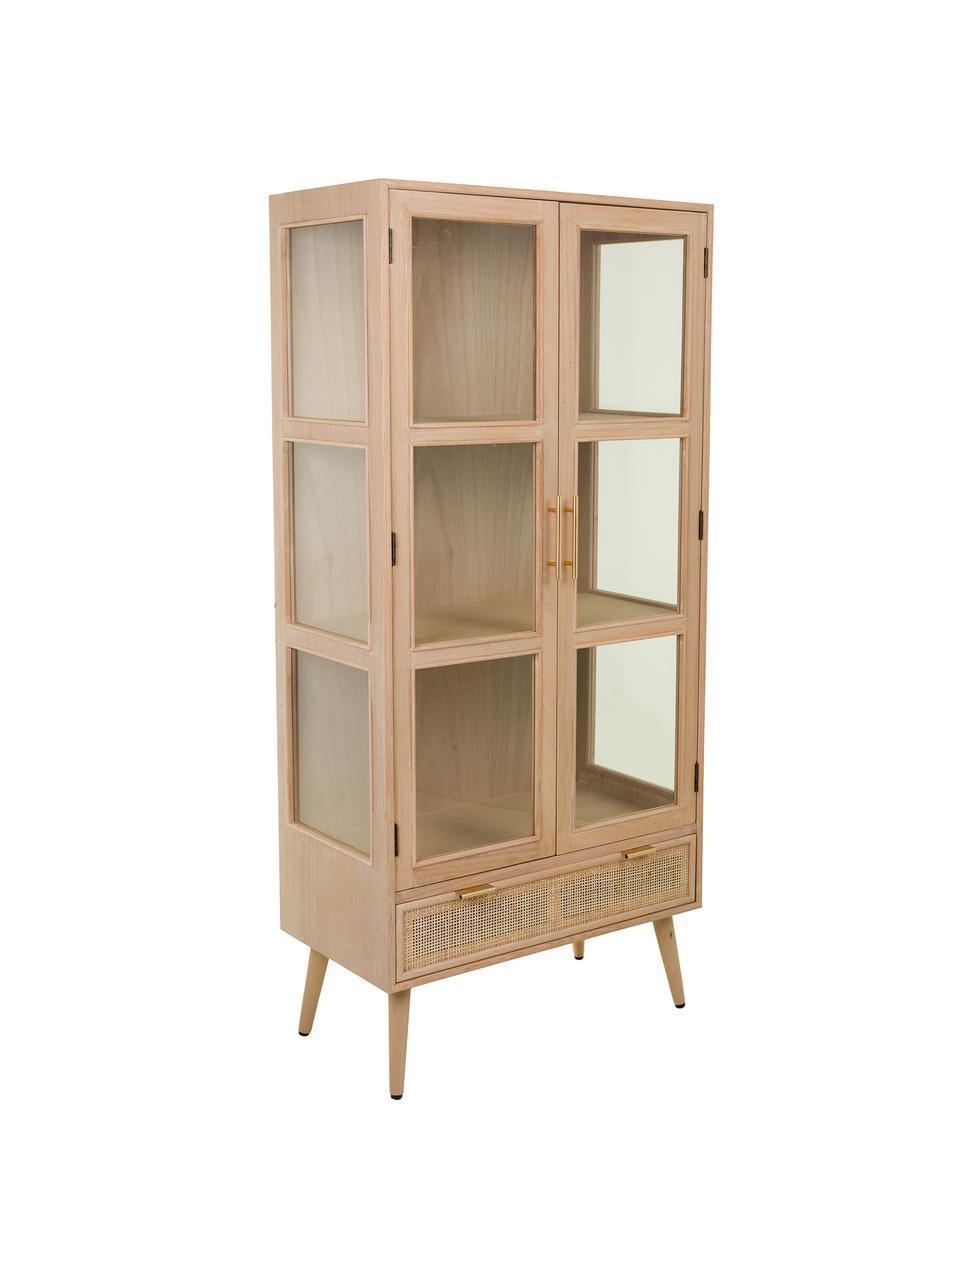 Vitrinekast Cayetana van hout, Frame: gefineerd MDF, Handvatten: metaal, Poten: gelakt bamboehout, Bruin, 72 x 159 cm